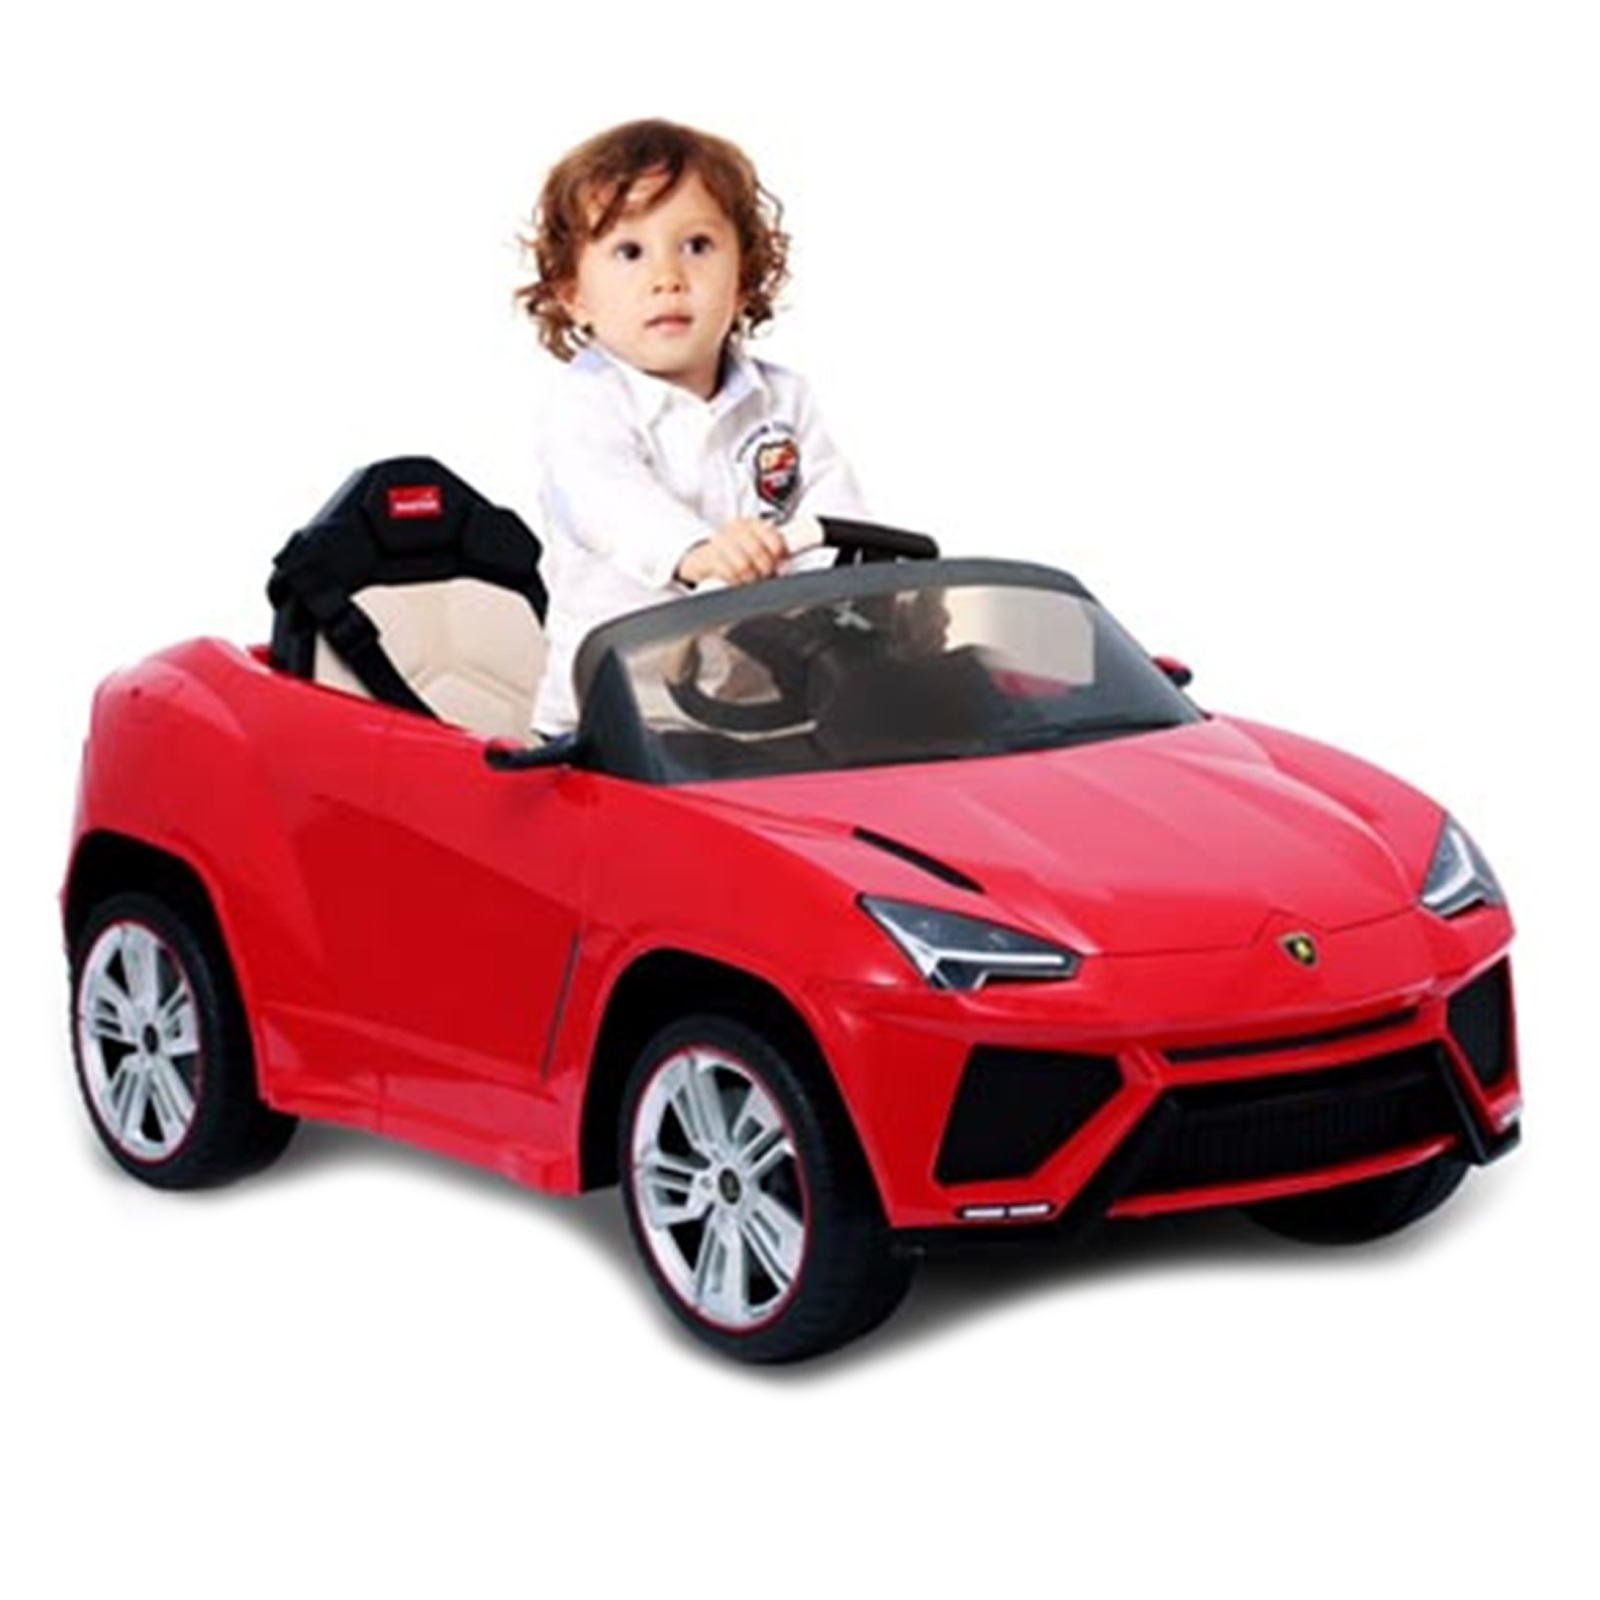 Lamborghini Urus 12V Licensed Ride On Car - Red